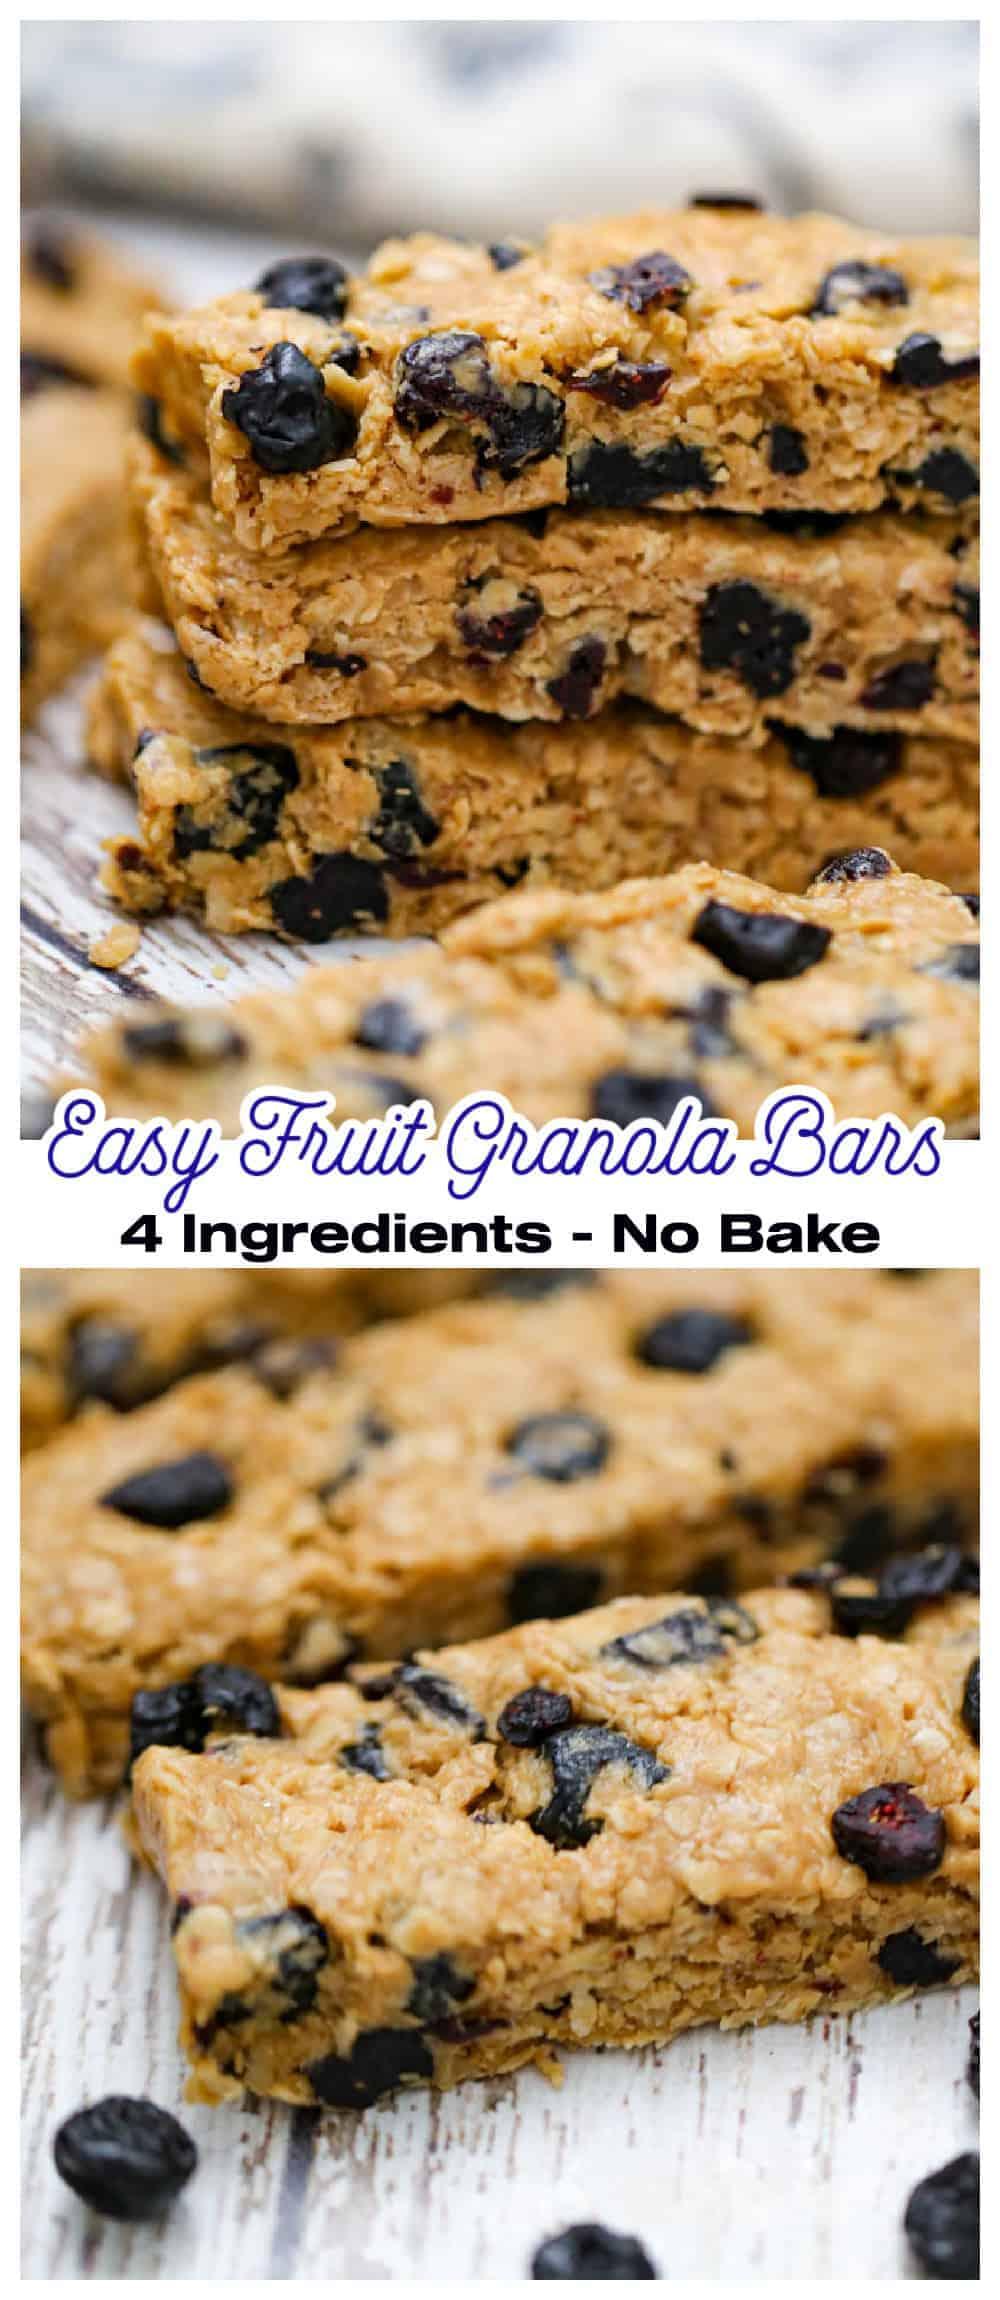 Easy Fruit Granola Bars